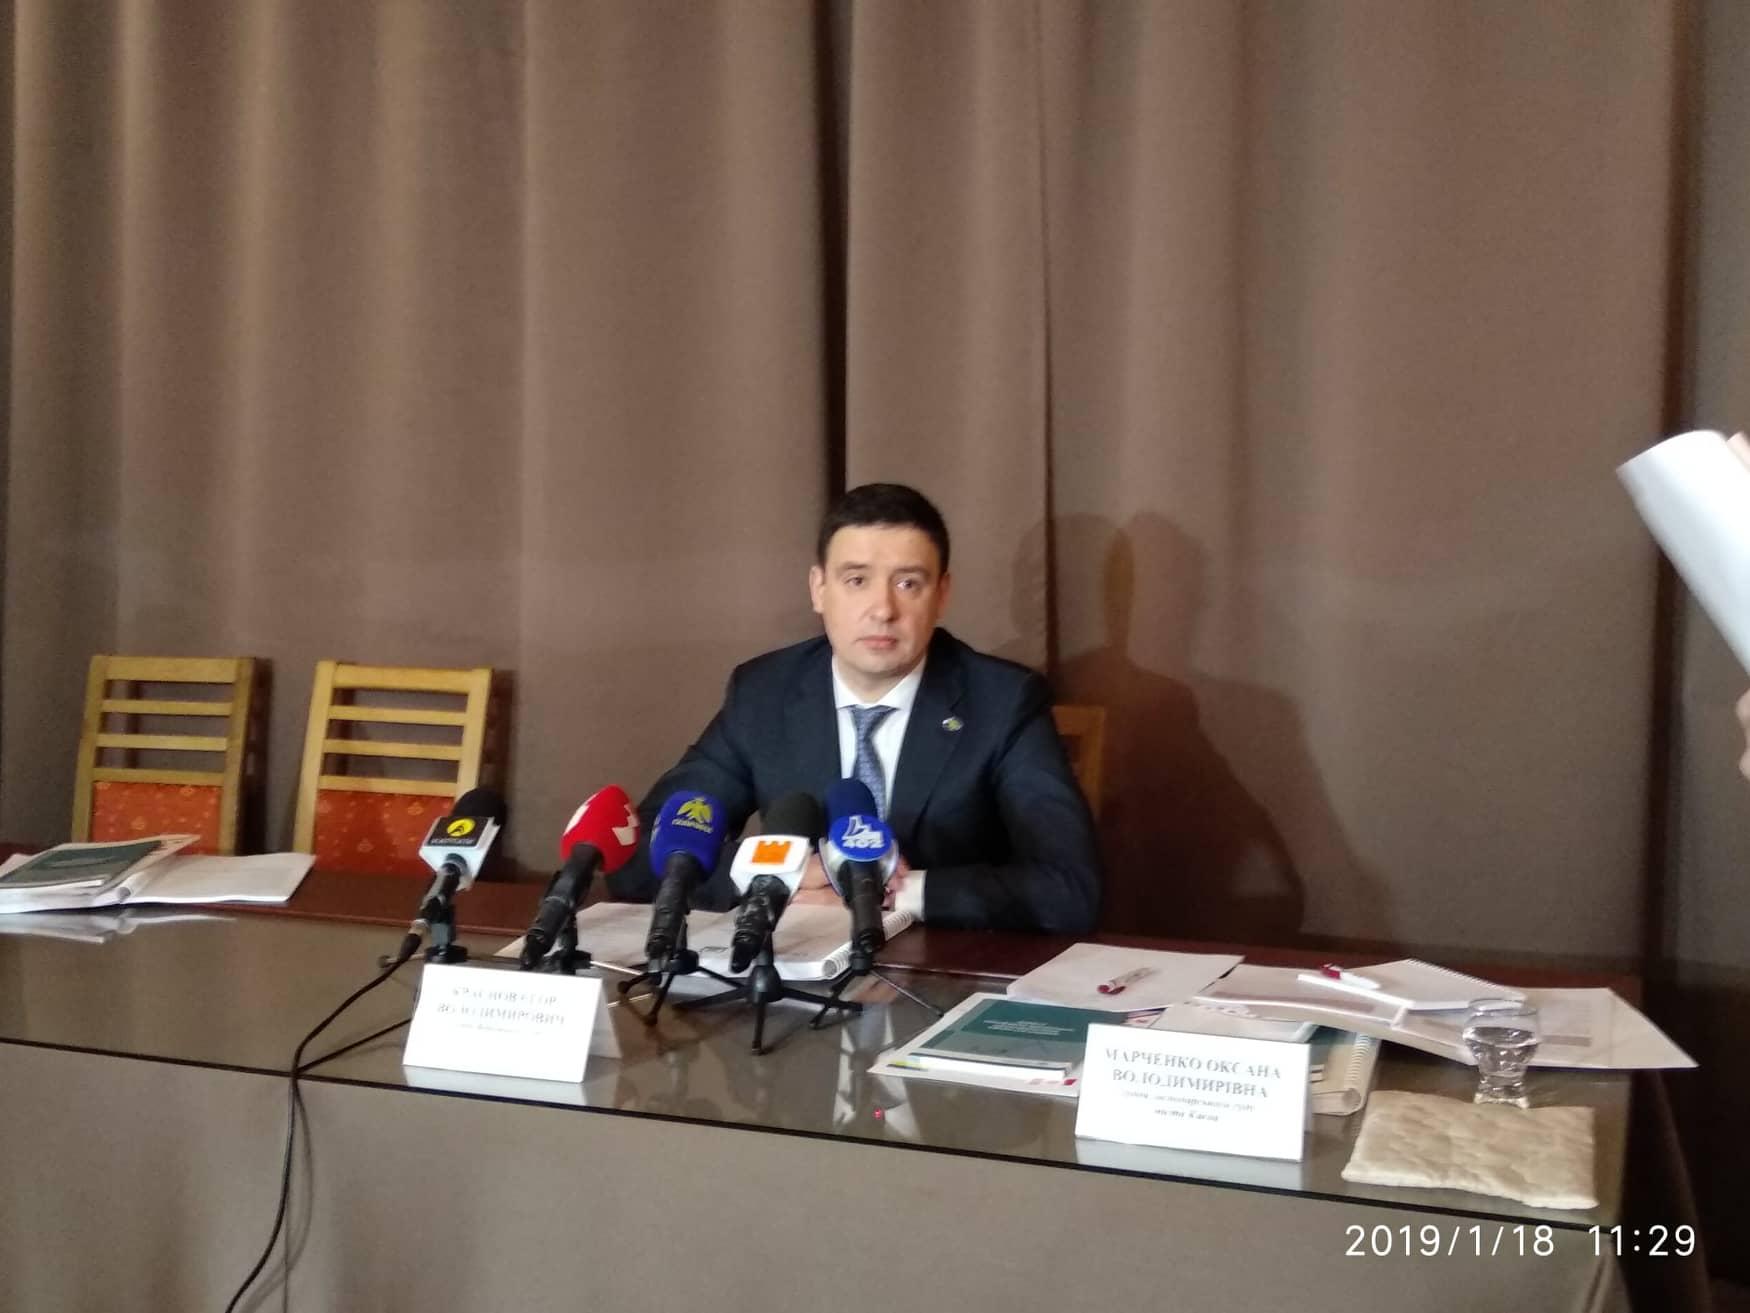 Прикарпатським судочинцям розповіли, як діяти у випадку конфлікту інтересів (відеосюжет)